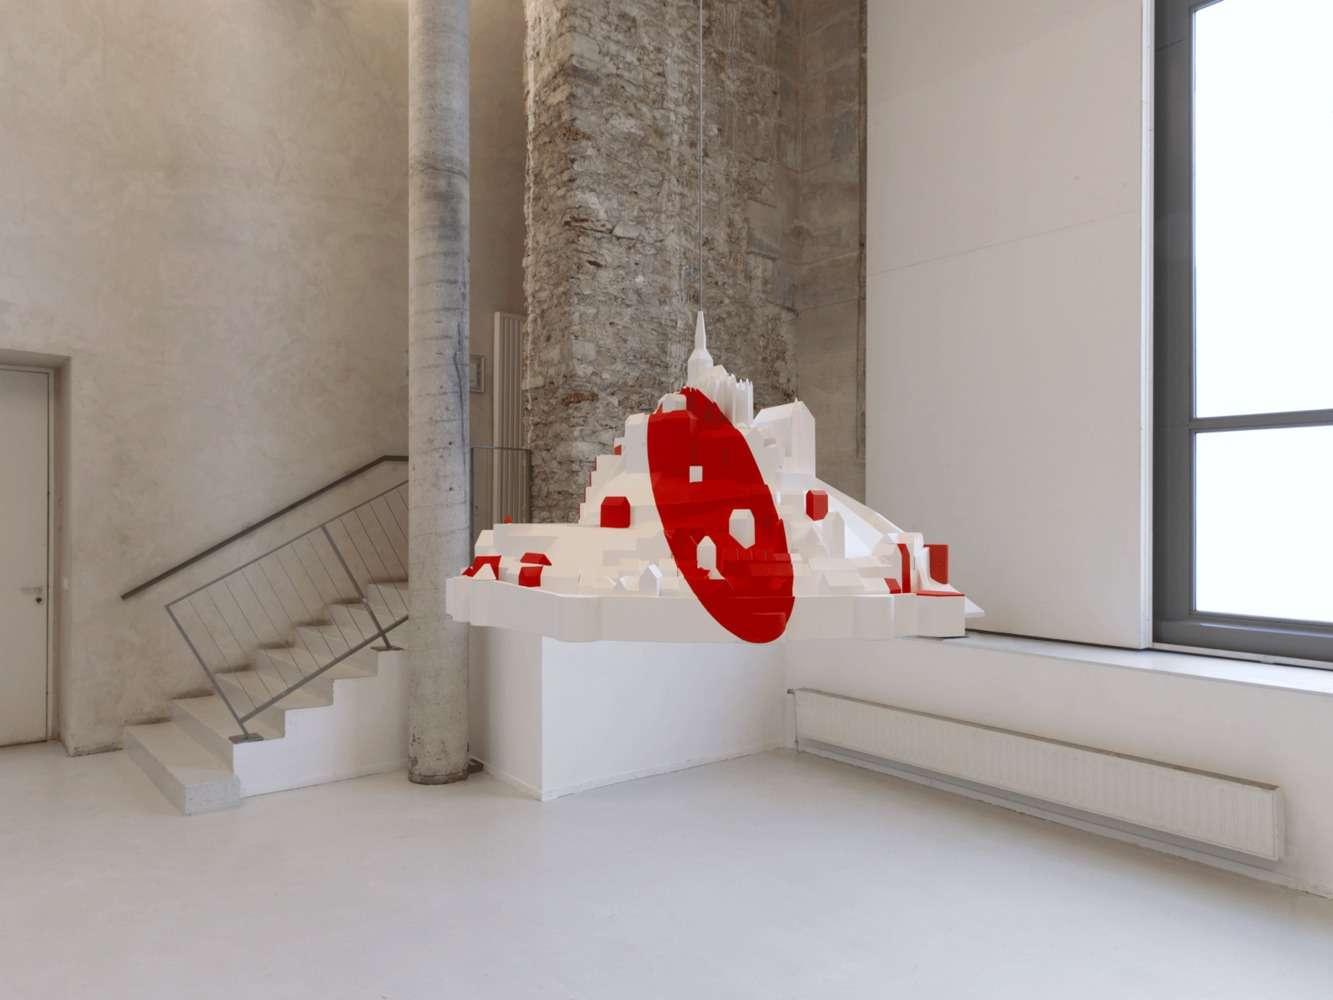 Felice Varini, Projet hypothéthique, Mont Saint-Michel, 1989-2013 Impression 3D et peinture acrylique38 × 70 × 58 cm / 15  × 27 1/2 × 22 7/8 in.